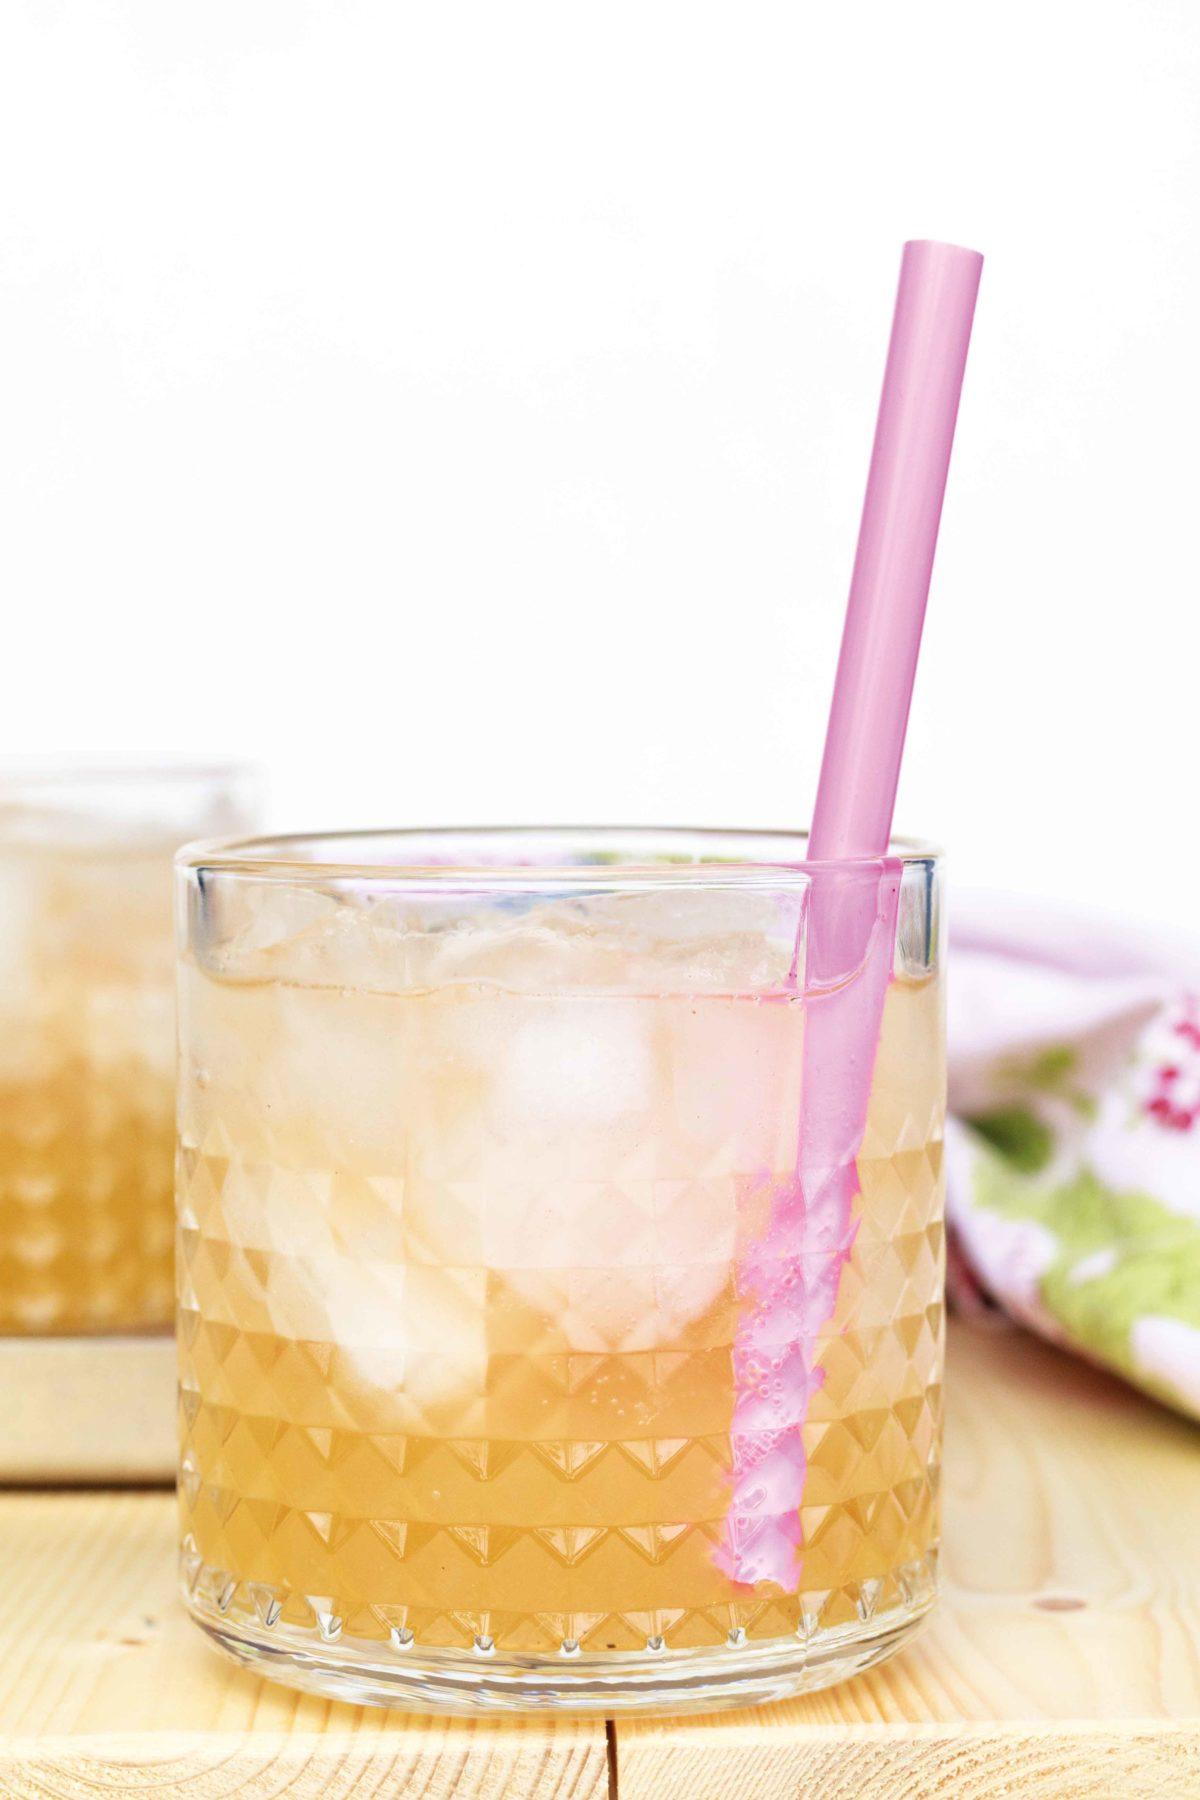 Rhabarber Drink mit Wodka und Vanille // Rhubarb Drink with Vanille and vodka by http://babyrockmyday.com/rhabarber-drink/